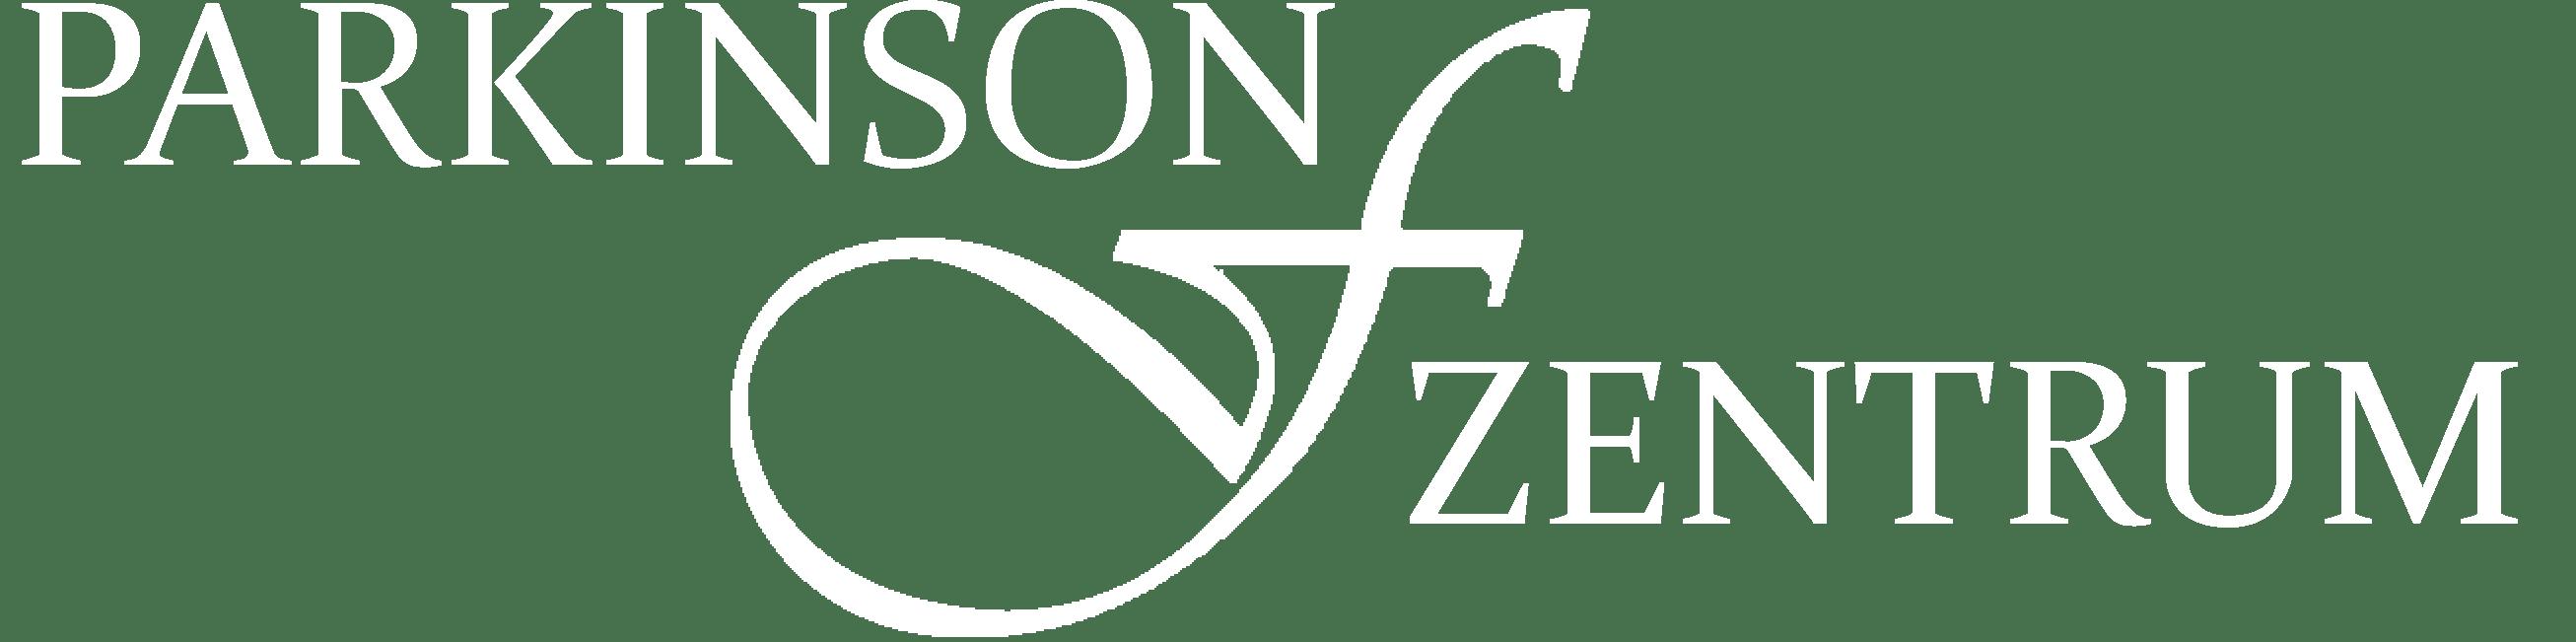 Parkinson-Zentrum-logo_white